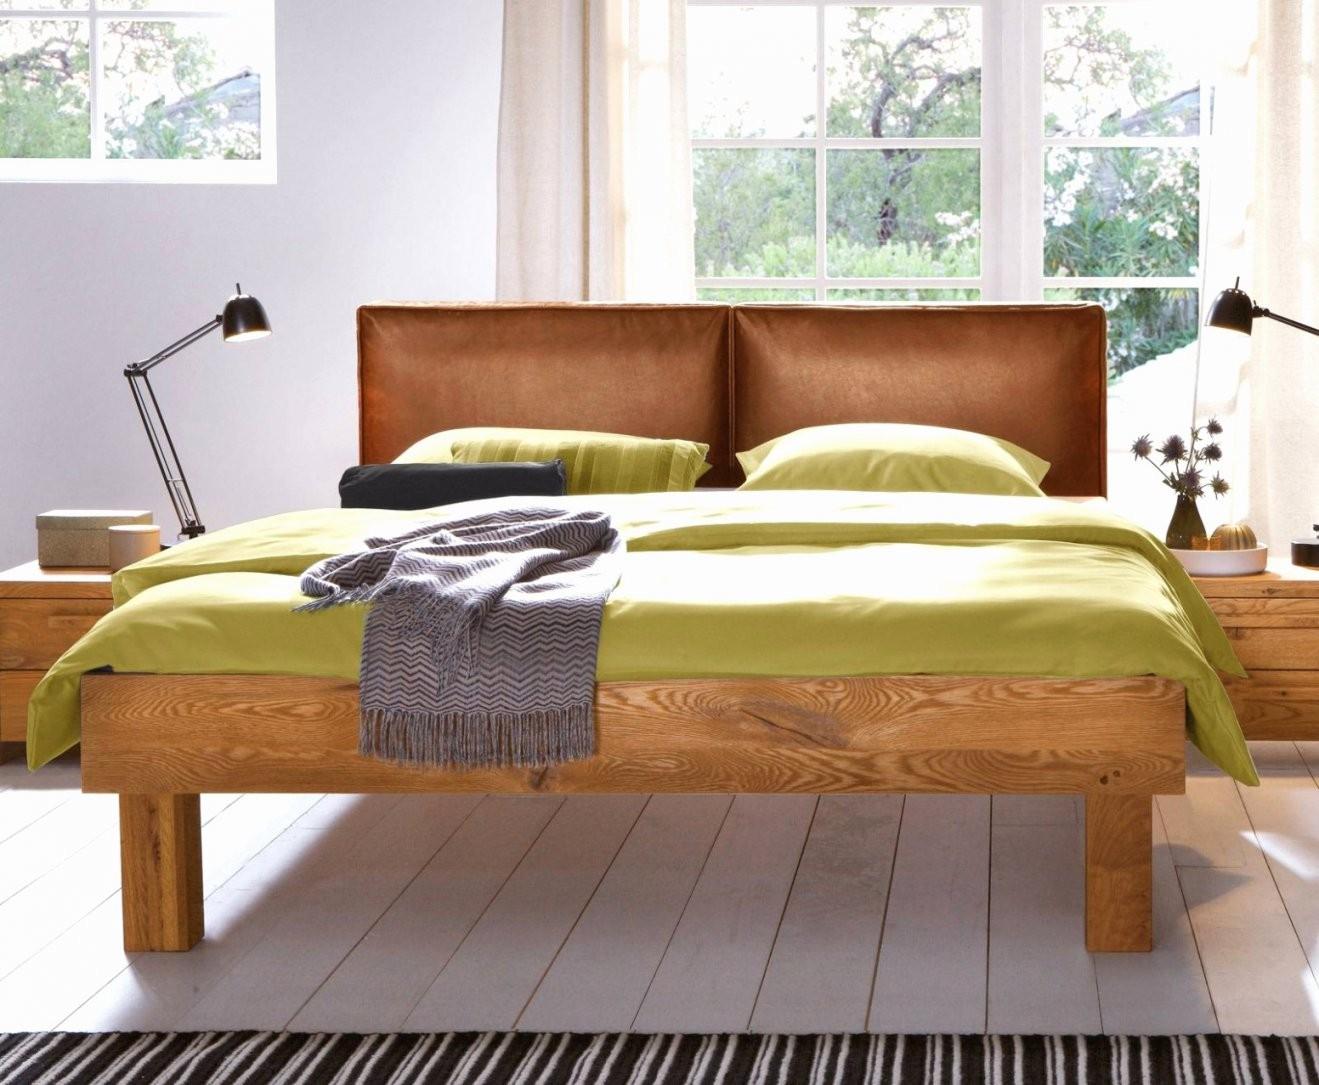 Bett Komforthöhe 180—200 Frisch Das Beste Bett Hastens Vividus Das von Bett Komforthöhe 180X200 Bild